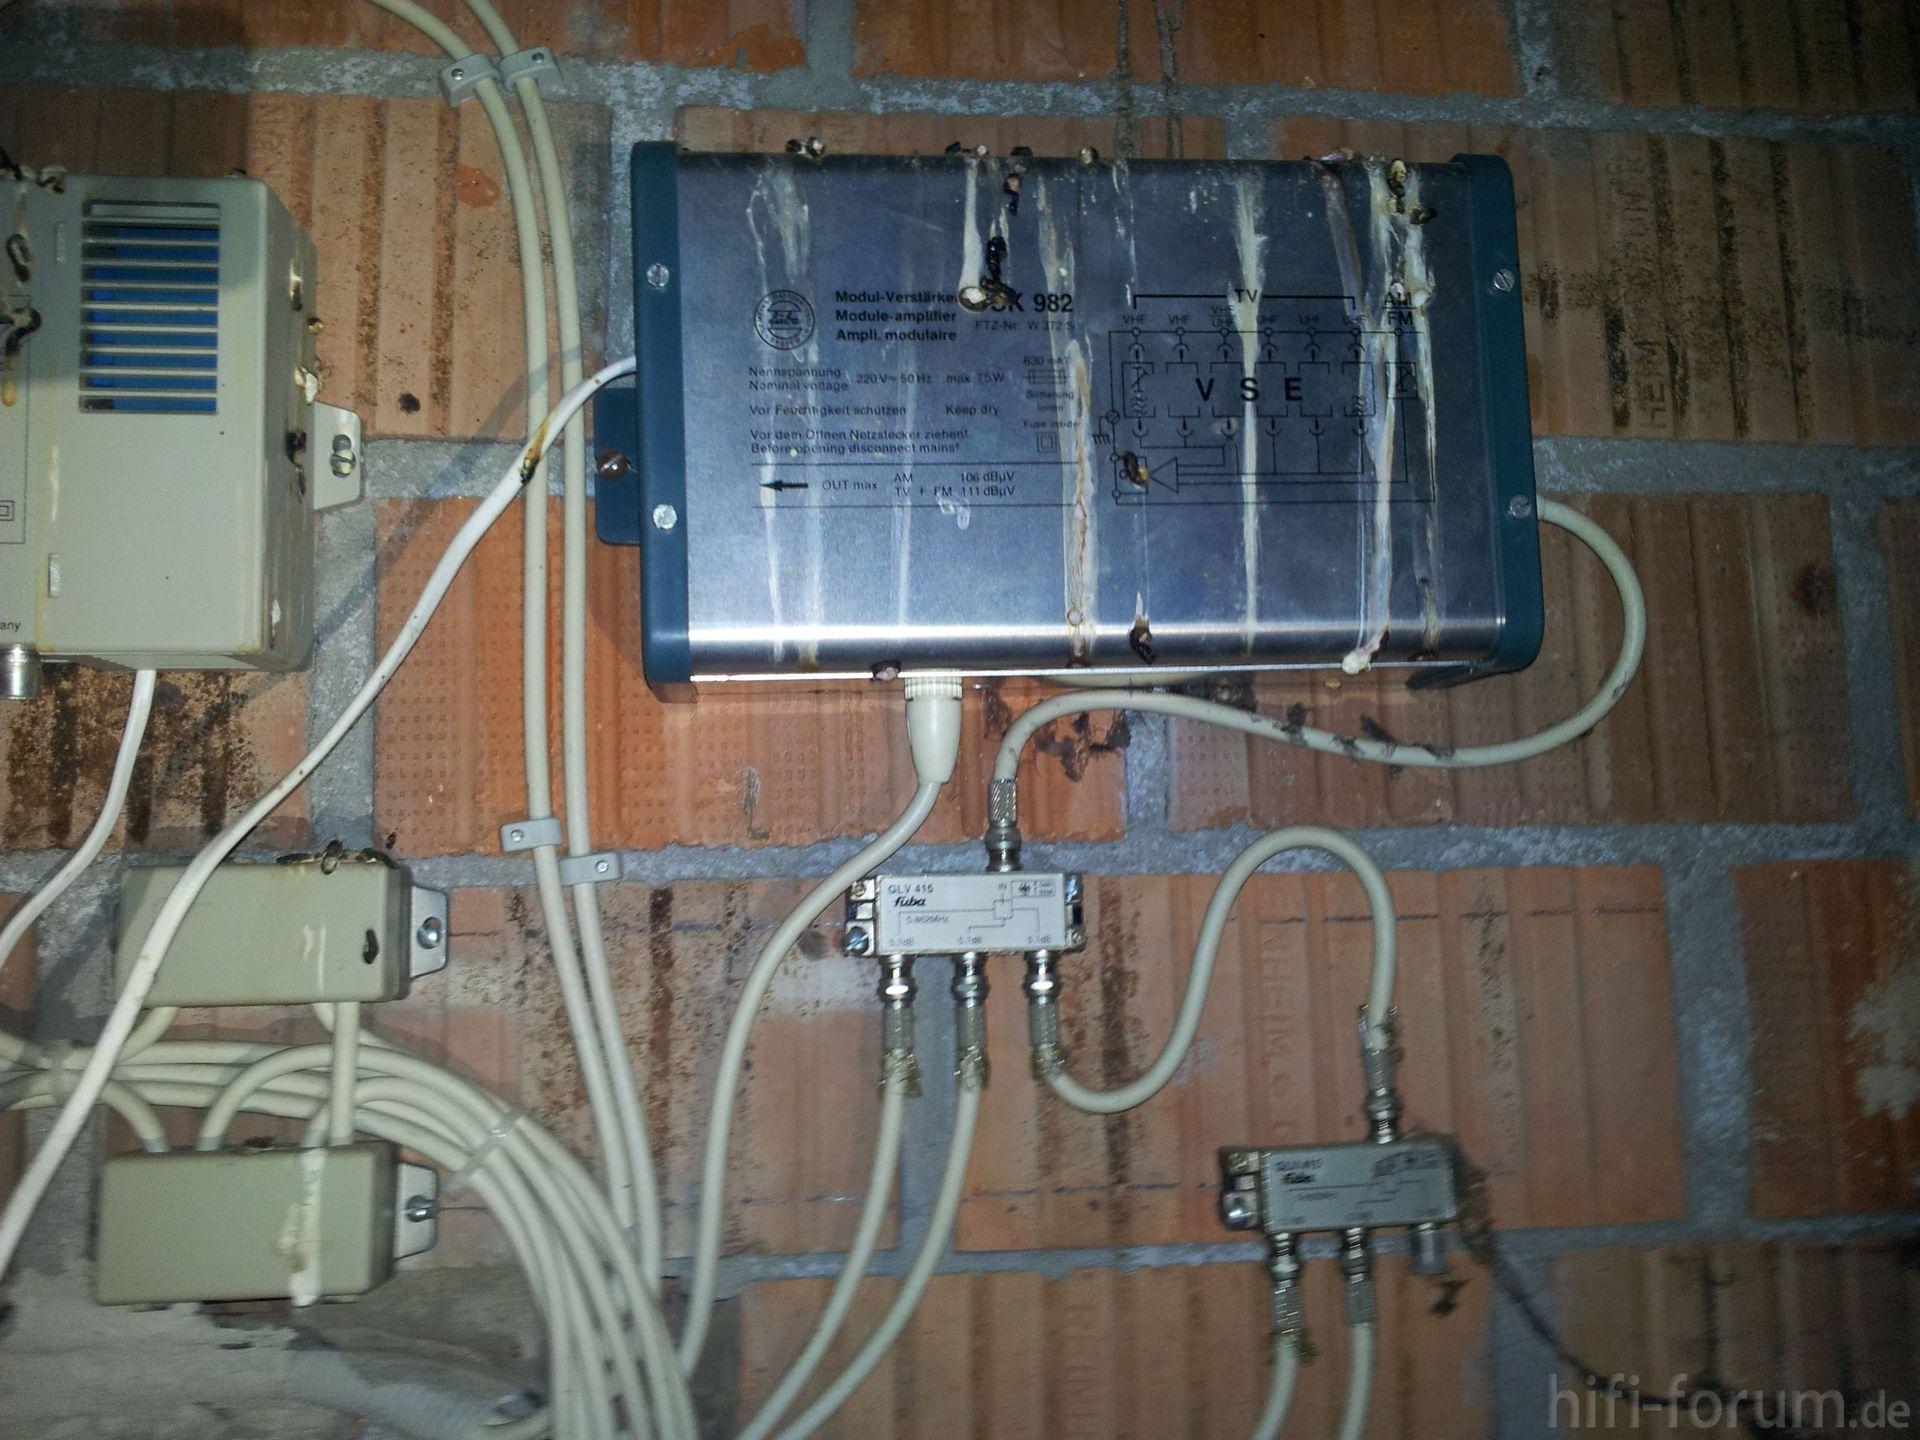 Antennenverstärker | antennenverstärker | hifi-forum.de Bildergalerie